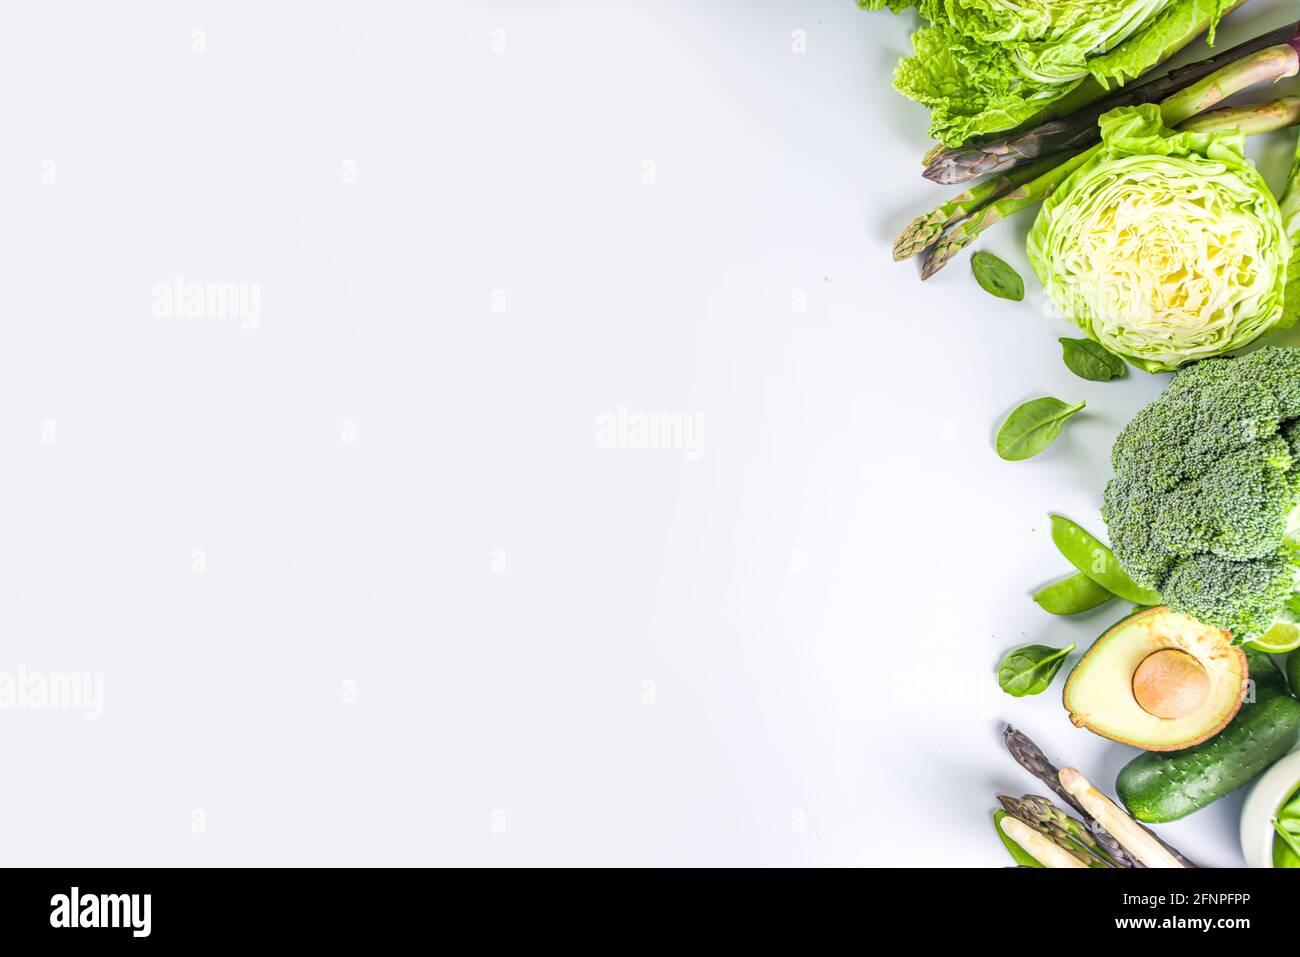 Gesunde Ernährung Frühlingsfutter Hintergrund. Auswahl an frischem rohem, grünem Gemüse aus biologischem Anbau - Brokkoli, Blumenkohl, Zucchini, Gurken, Spargel, Spinat Stockfoto